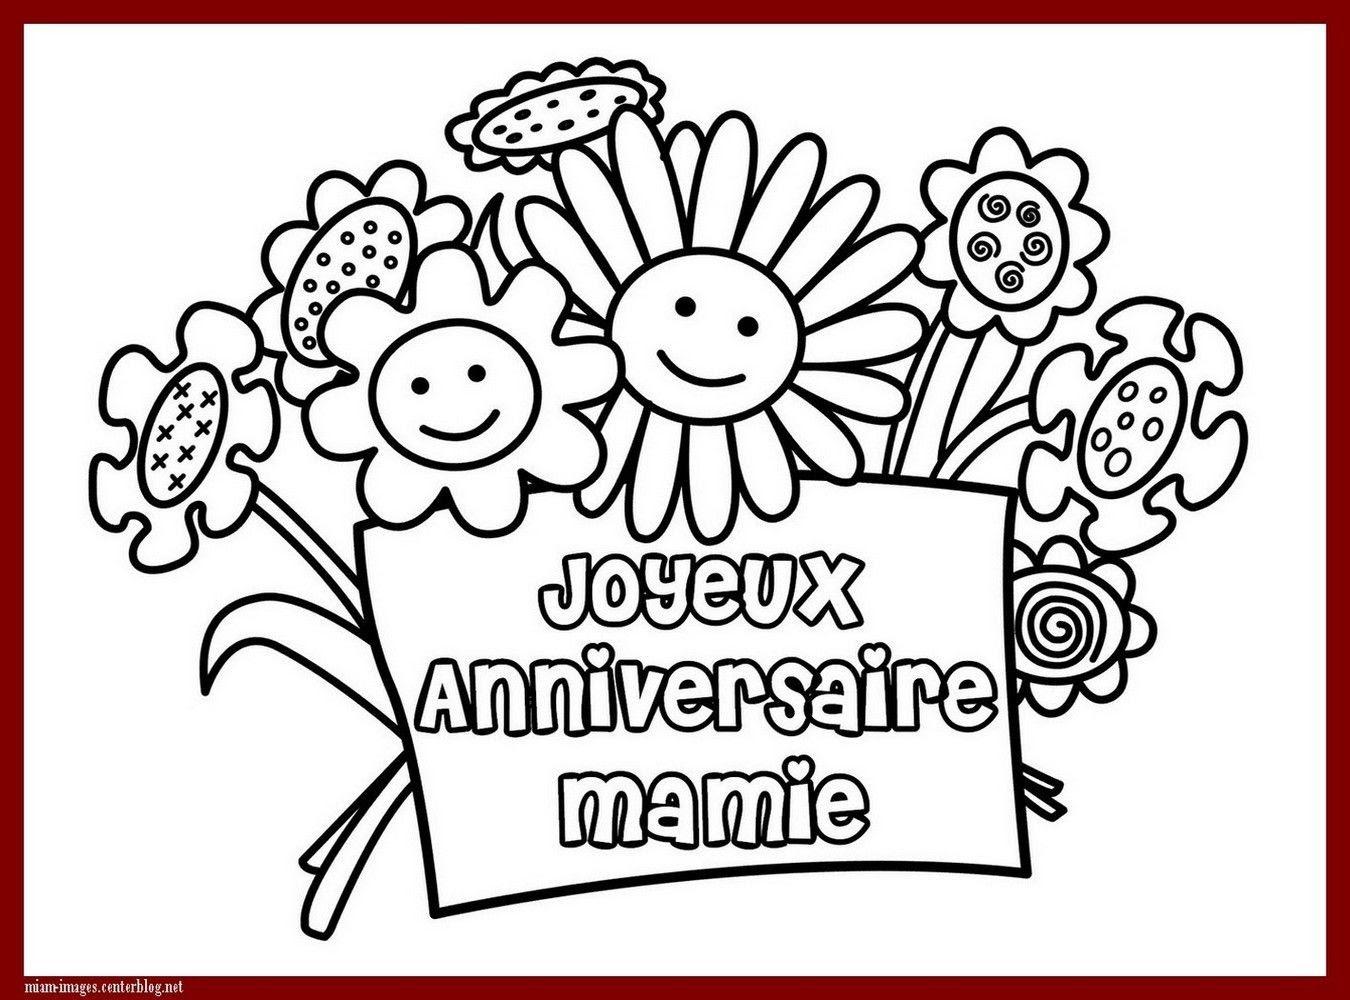 Coloriage Anniversaire Mamie 60 Ans.Frais Coloriage Anniversaire Adulte A Imprimer Meilleur Coloriage